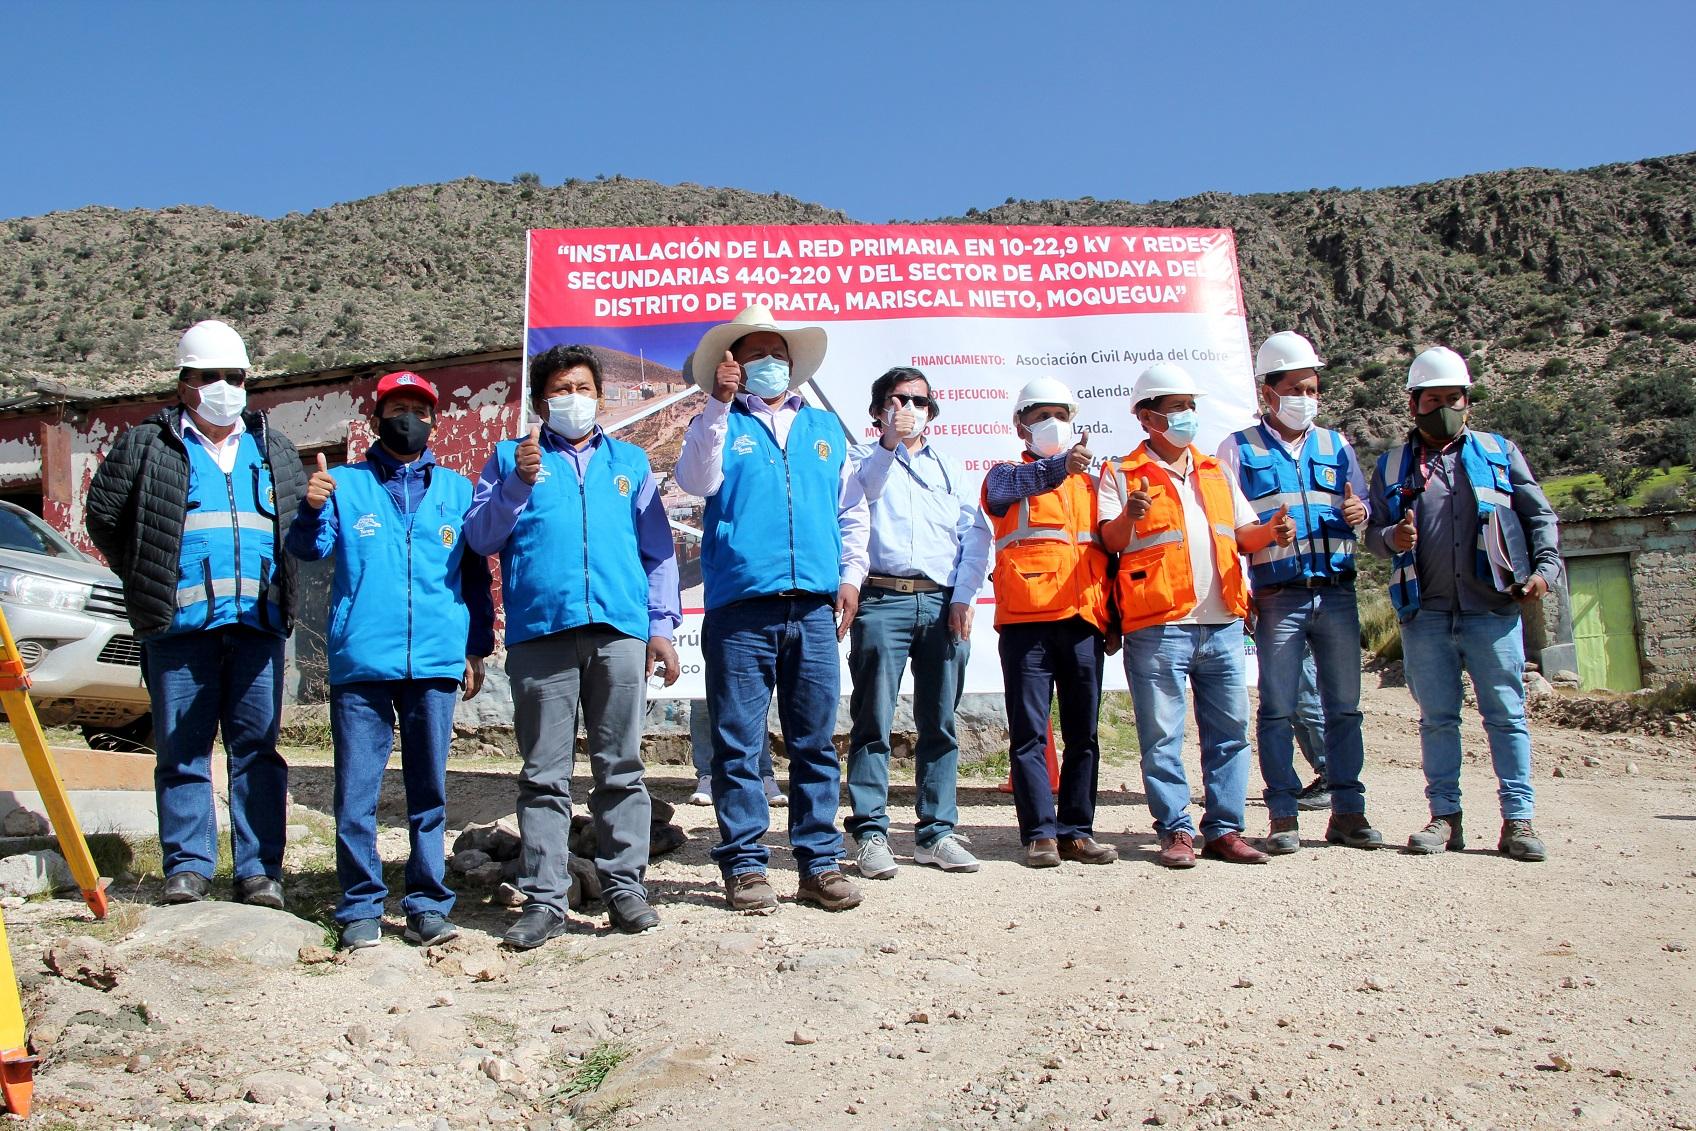 Southern Perú electrificará anexo de Arondaya en Moquegua